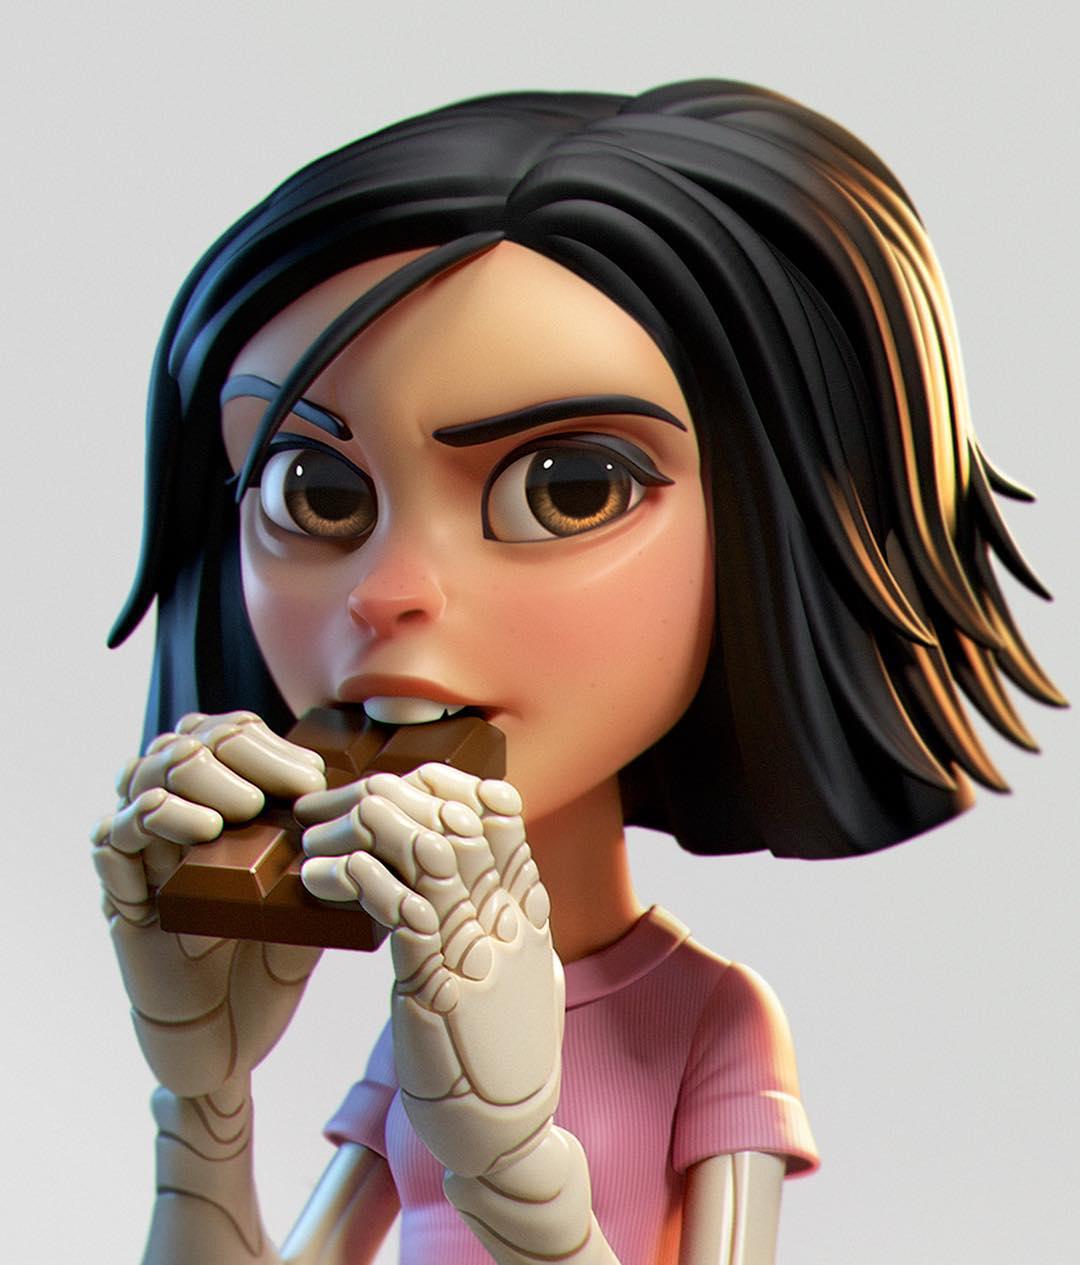 funny 3d model character alita